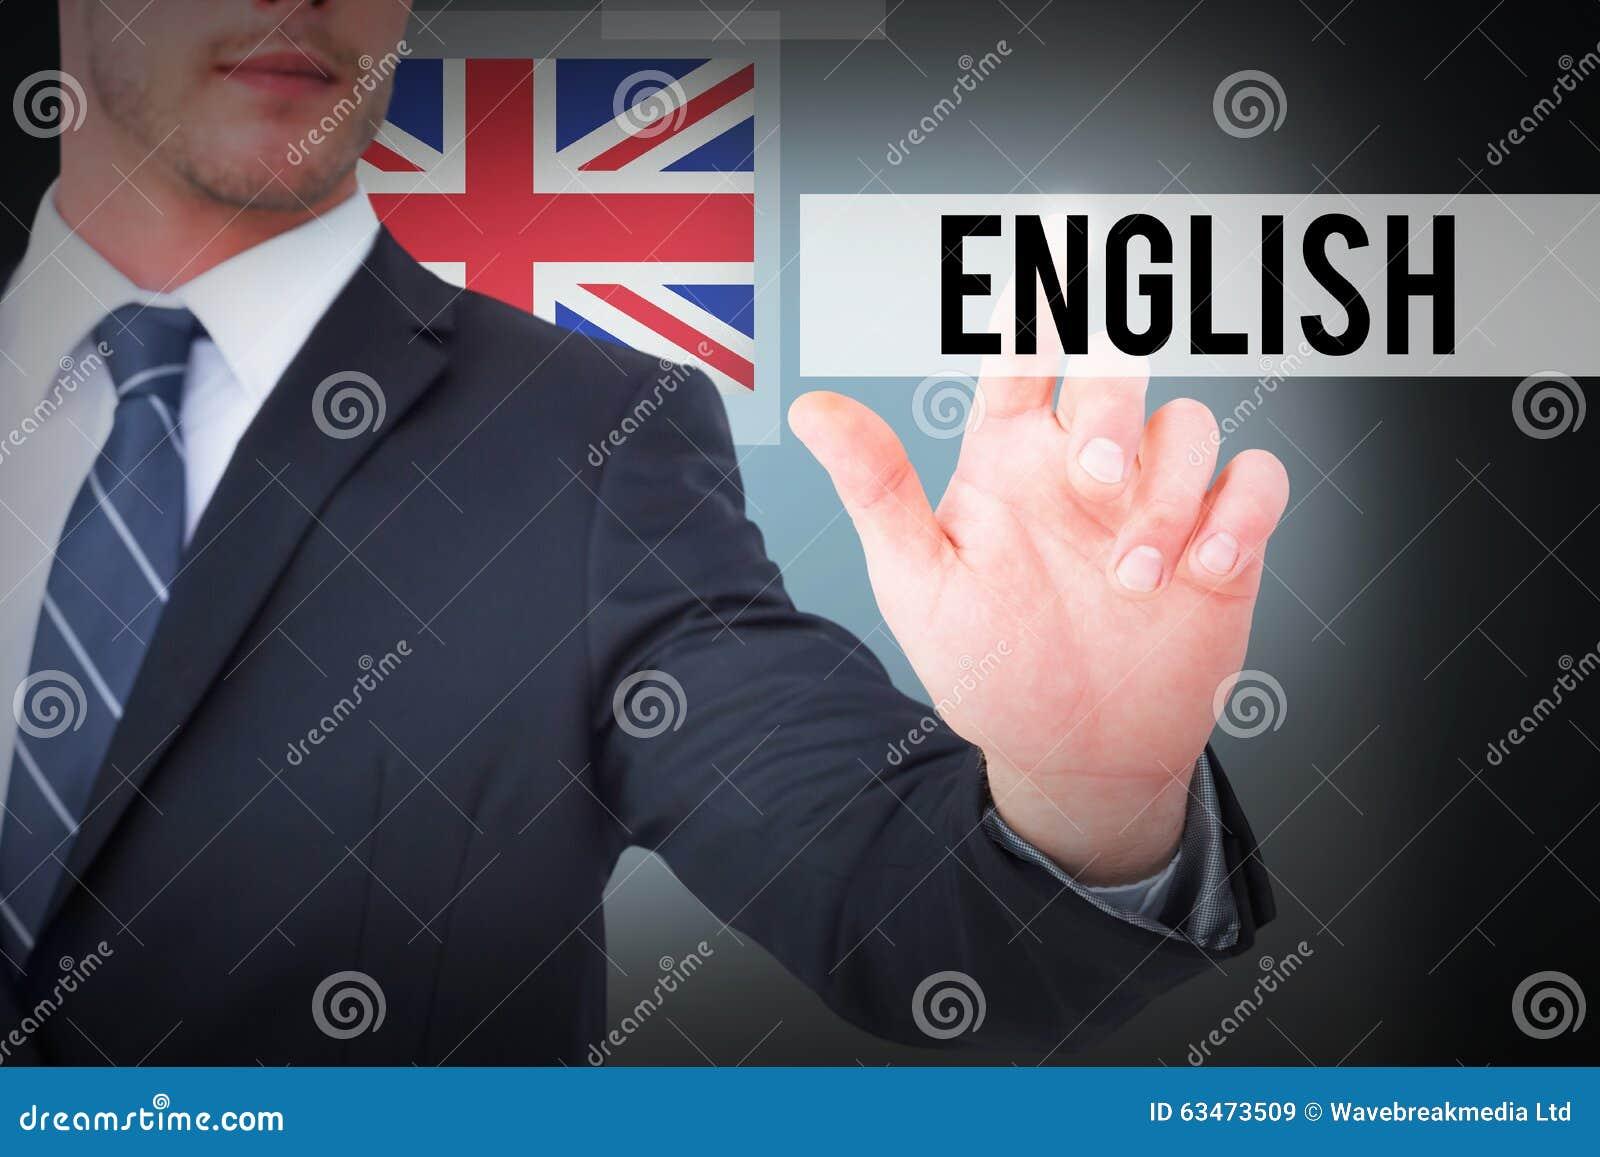 Englisch gegen blauen Hintergrund mit Vignette